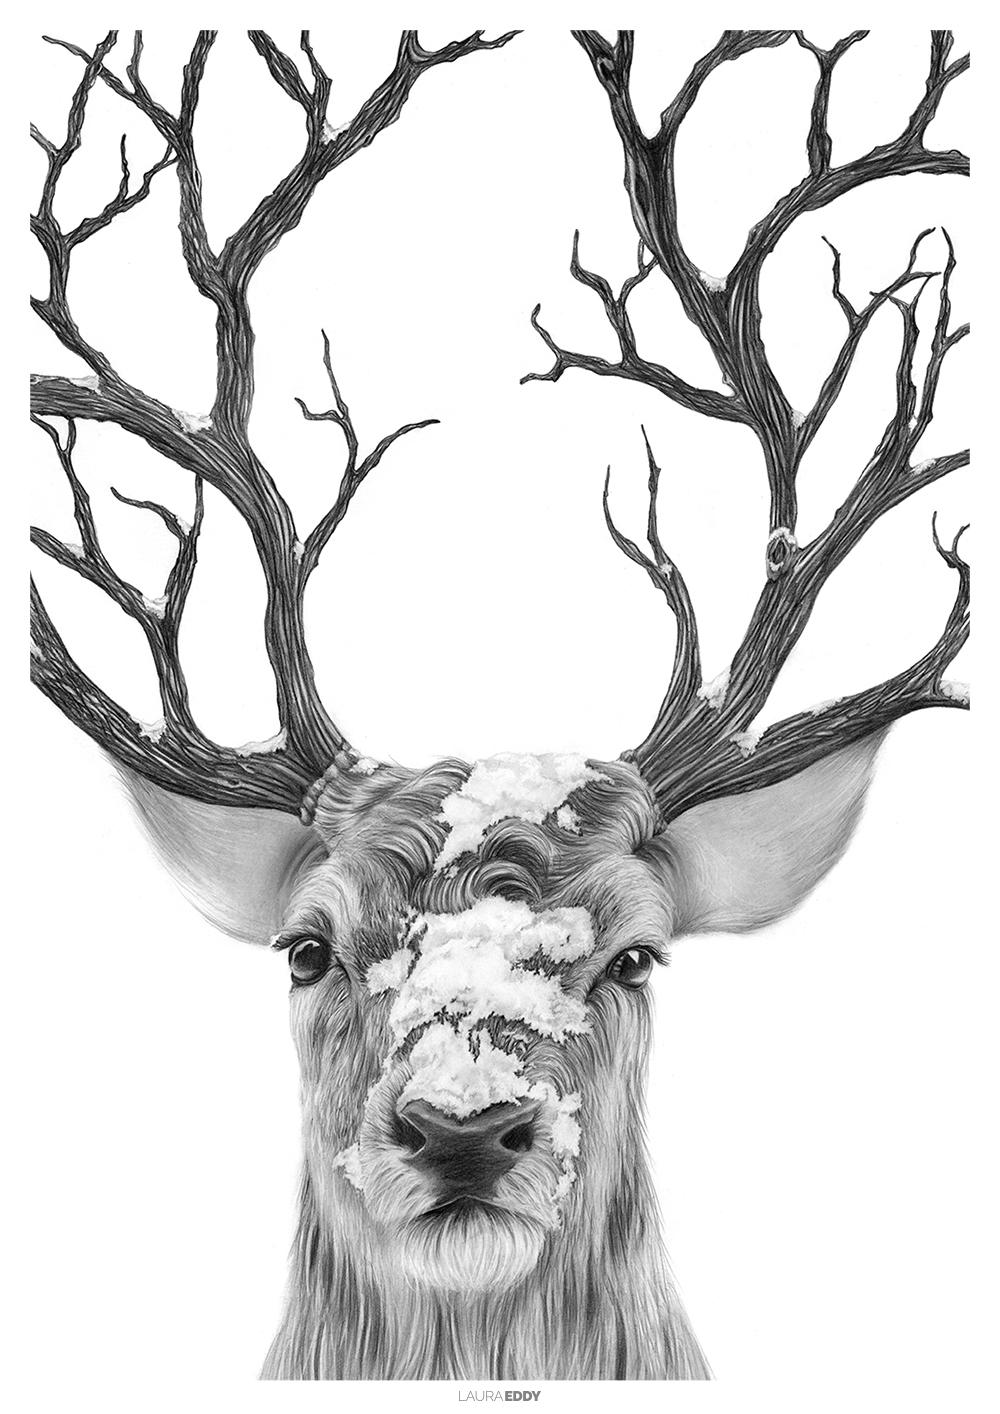 laura-eddy-drawing-winter-deer-branded.jpg